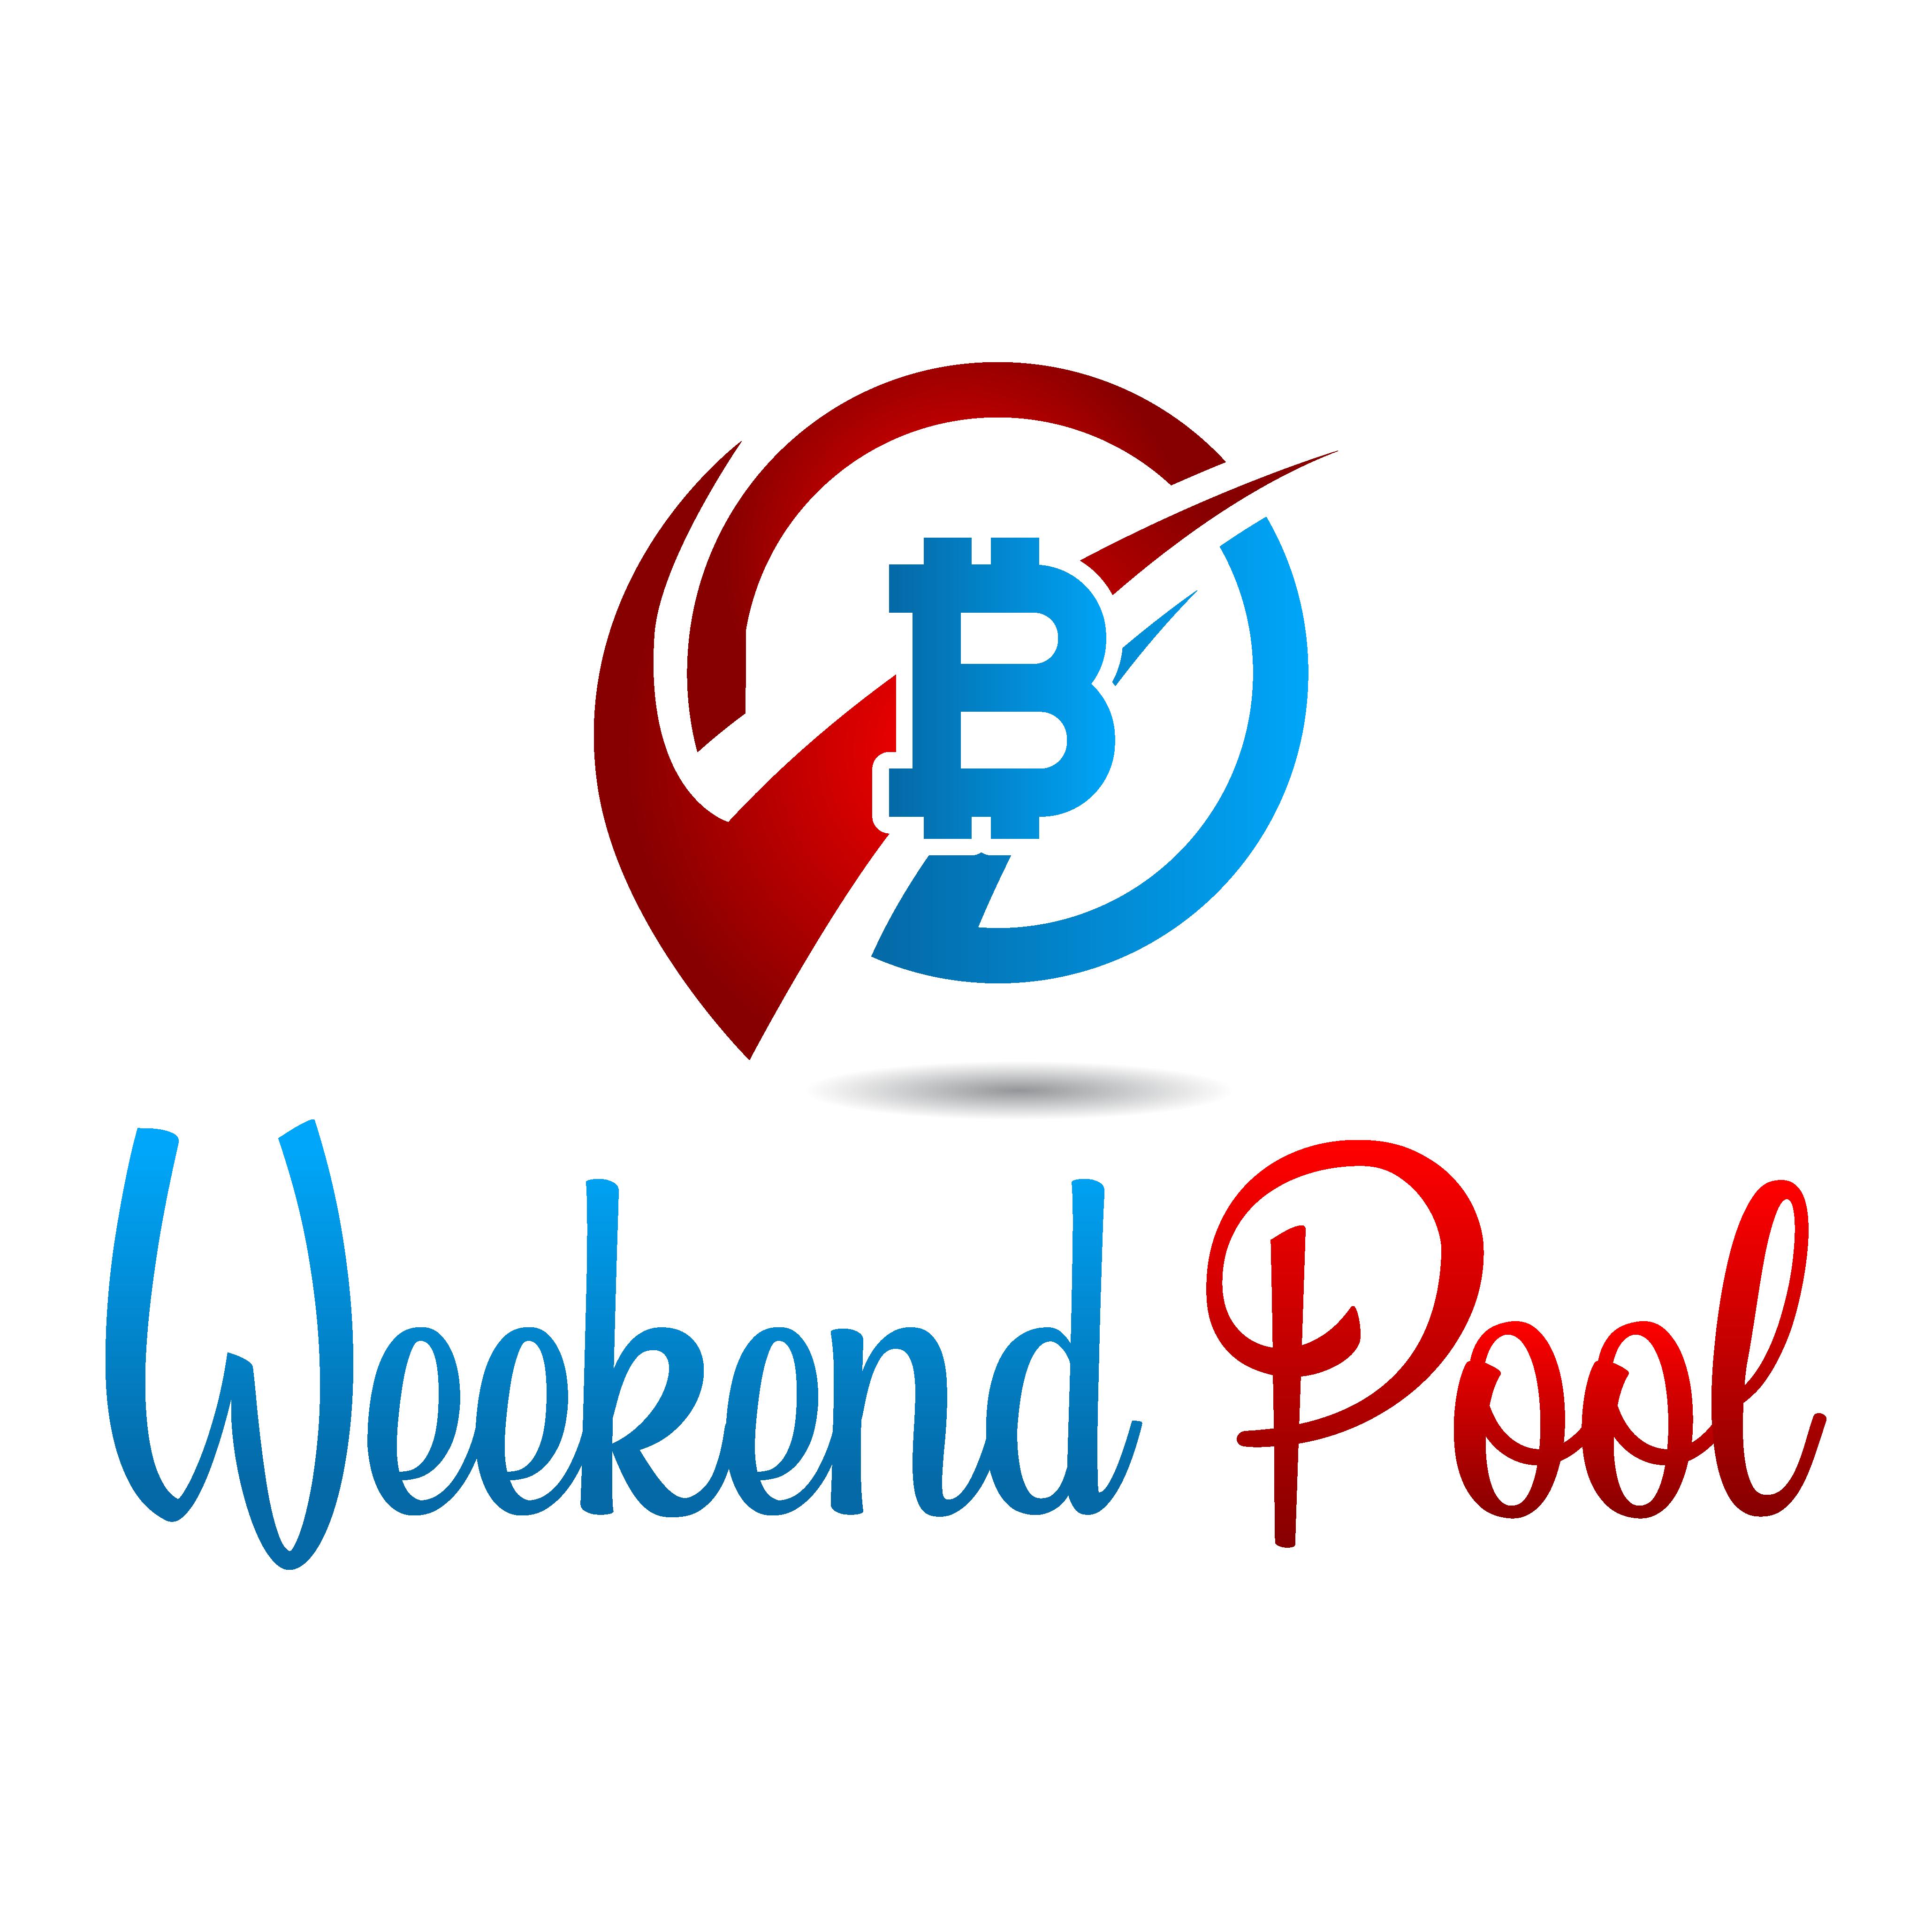 WEEKENDPOOL.NET